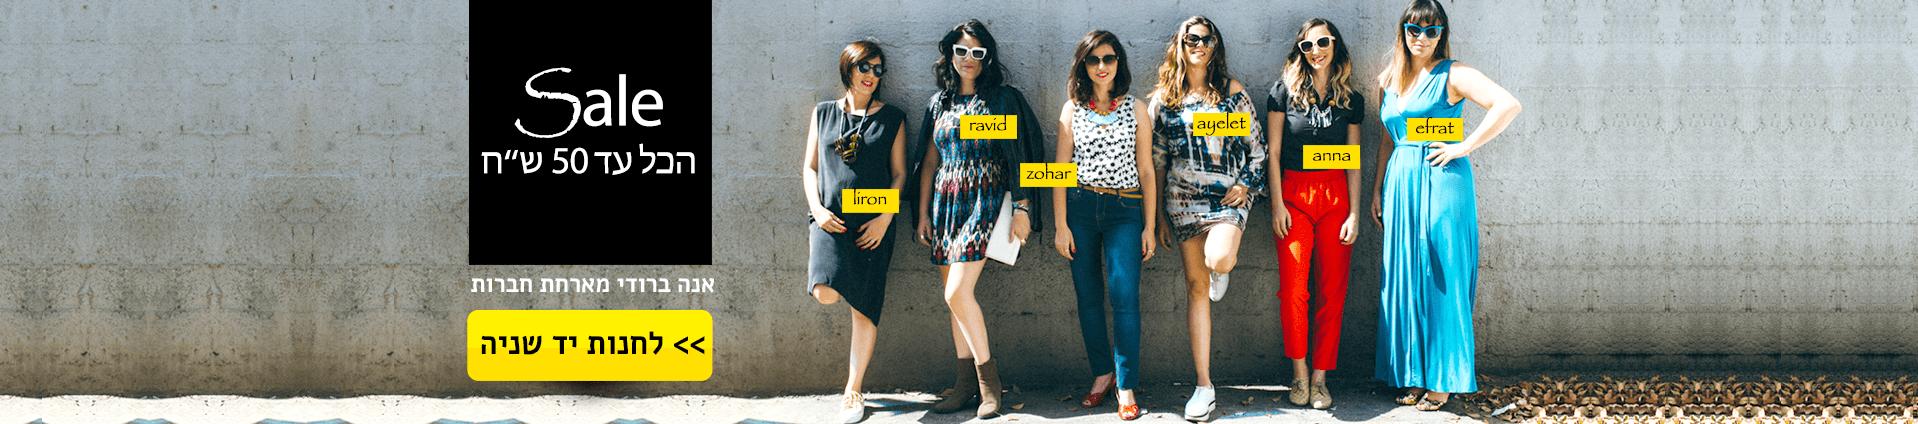 חנות אונליין, בגדי יד שניה, קניית בגדים באינטרנט, אנה ברודי